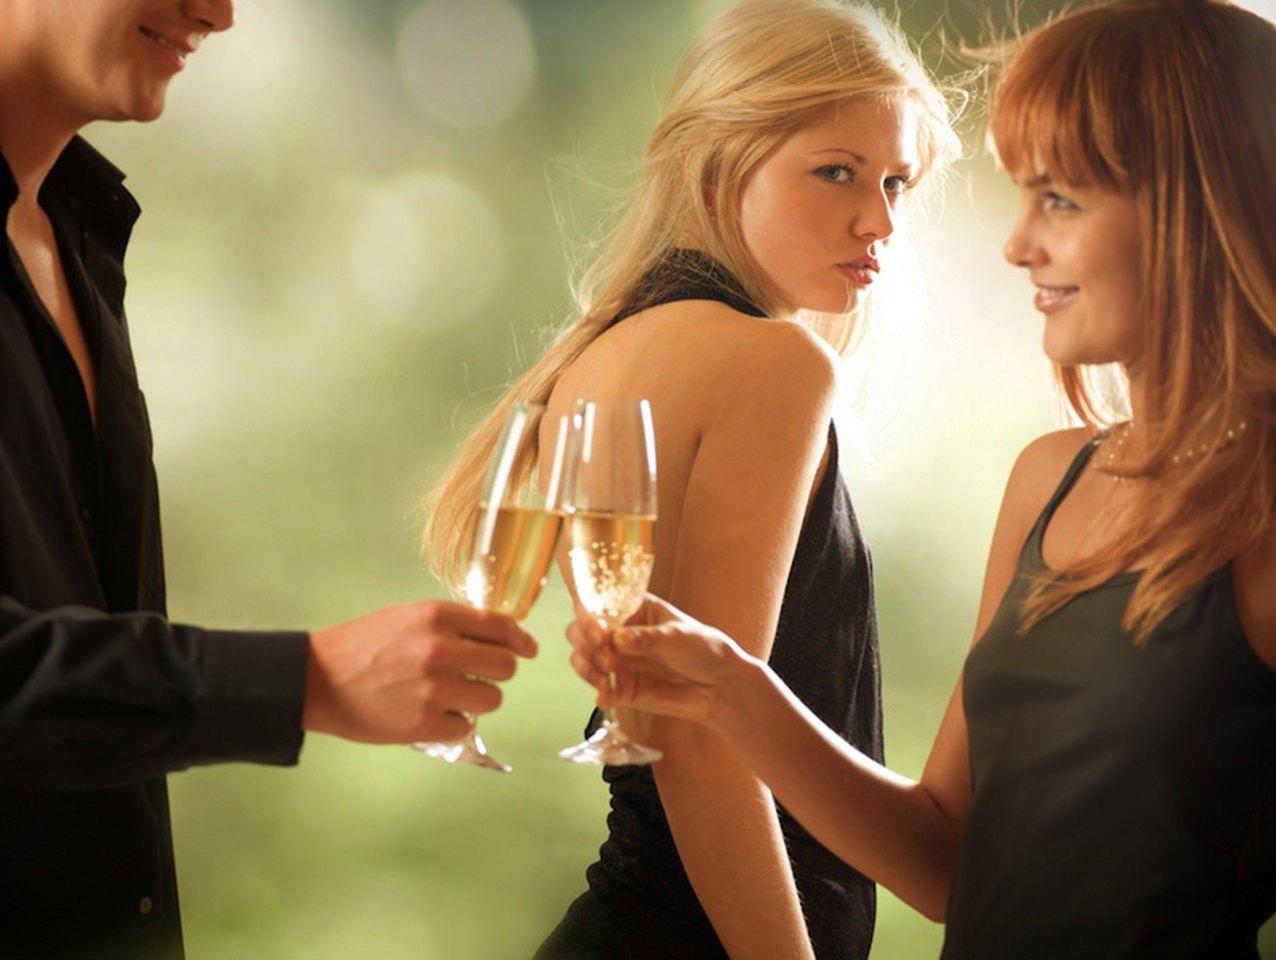 кажется, как побороть ревность к девушке и повысить самооценку других